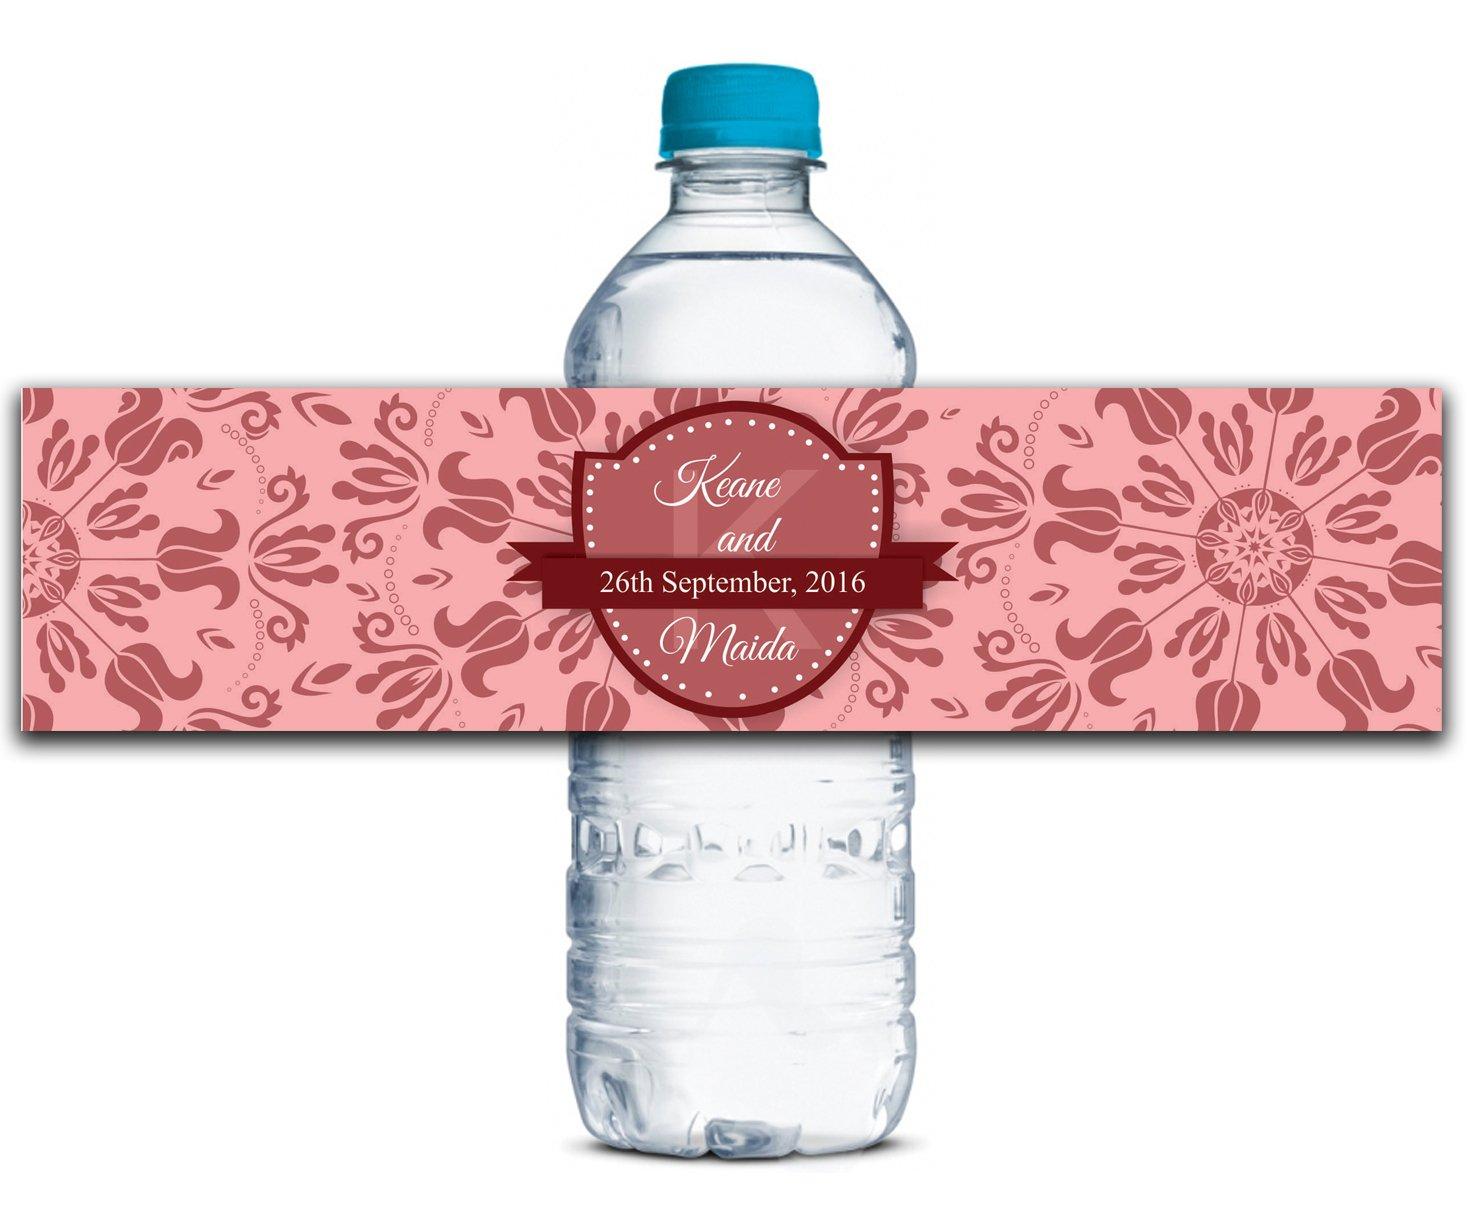 Personalisierte Wasserflasche Wasserflasche Wasserflasche Etiketten Selbstklebende wasserdichte Kundenspezifische Hochzeits-Aufkleber 8  x 2  Zoll - 70 Etiketten B01A0W3WHA | Schön geformt  f88c8b